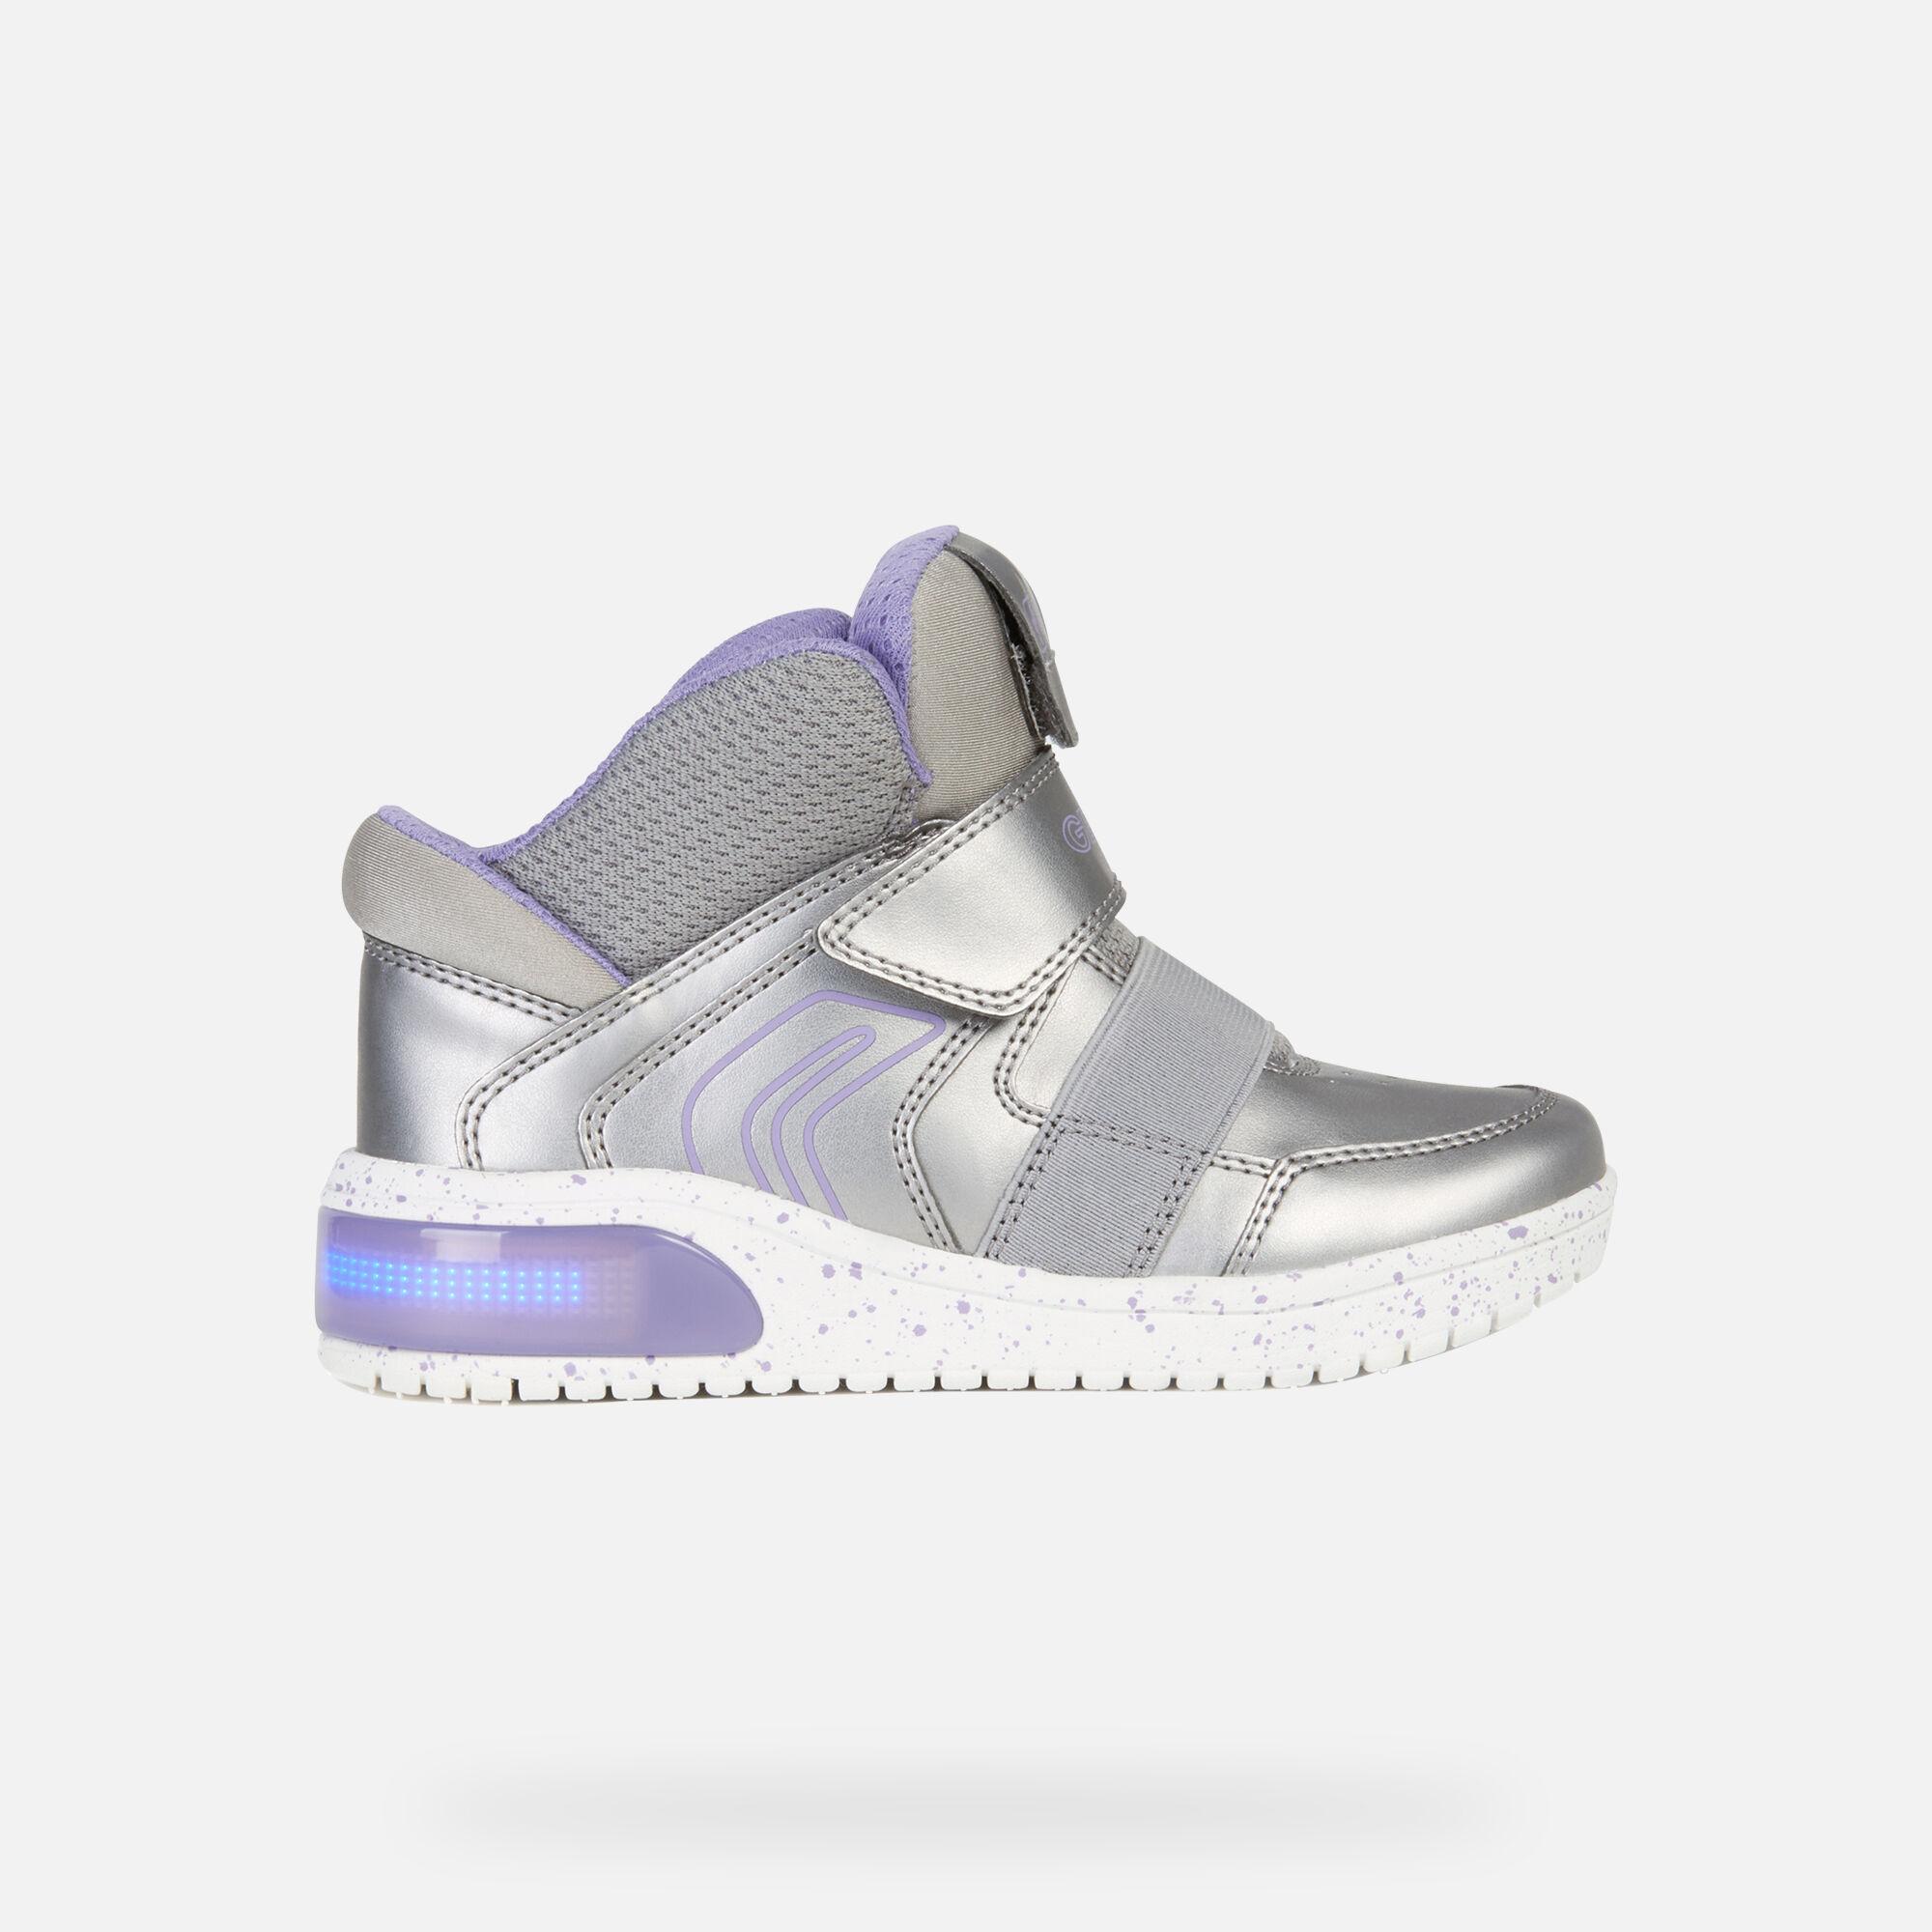 Geox XLED Junior Girl: Dark silver Sneakers | Geox ® FW 1920